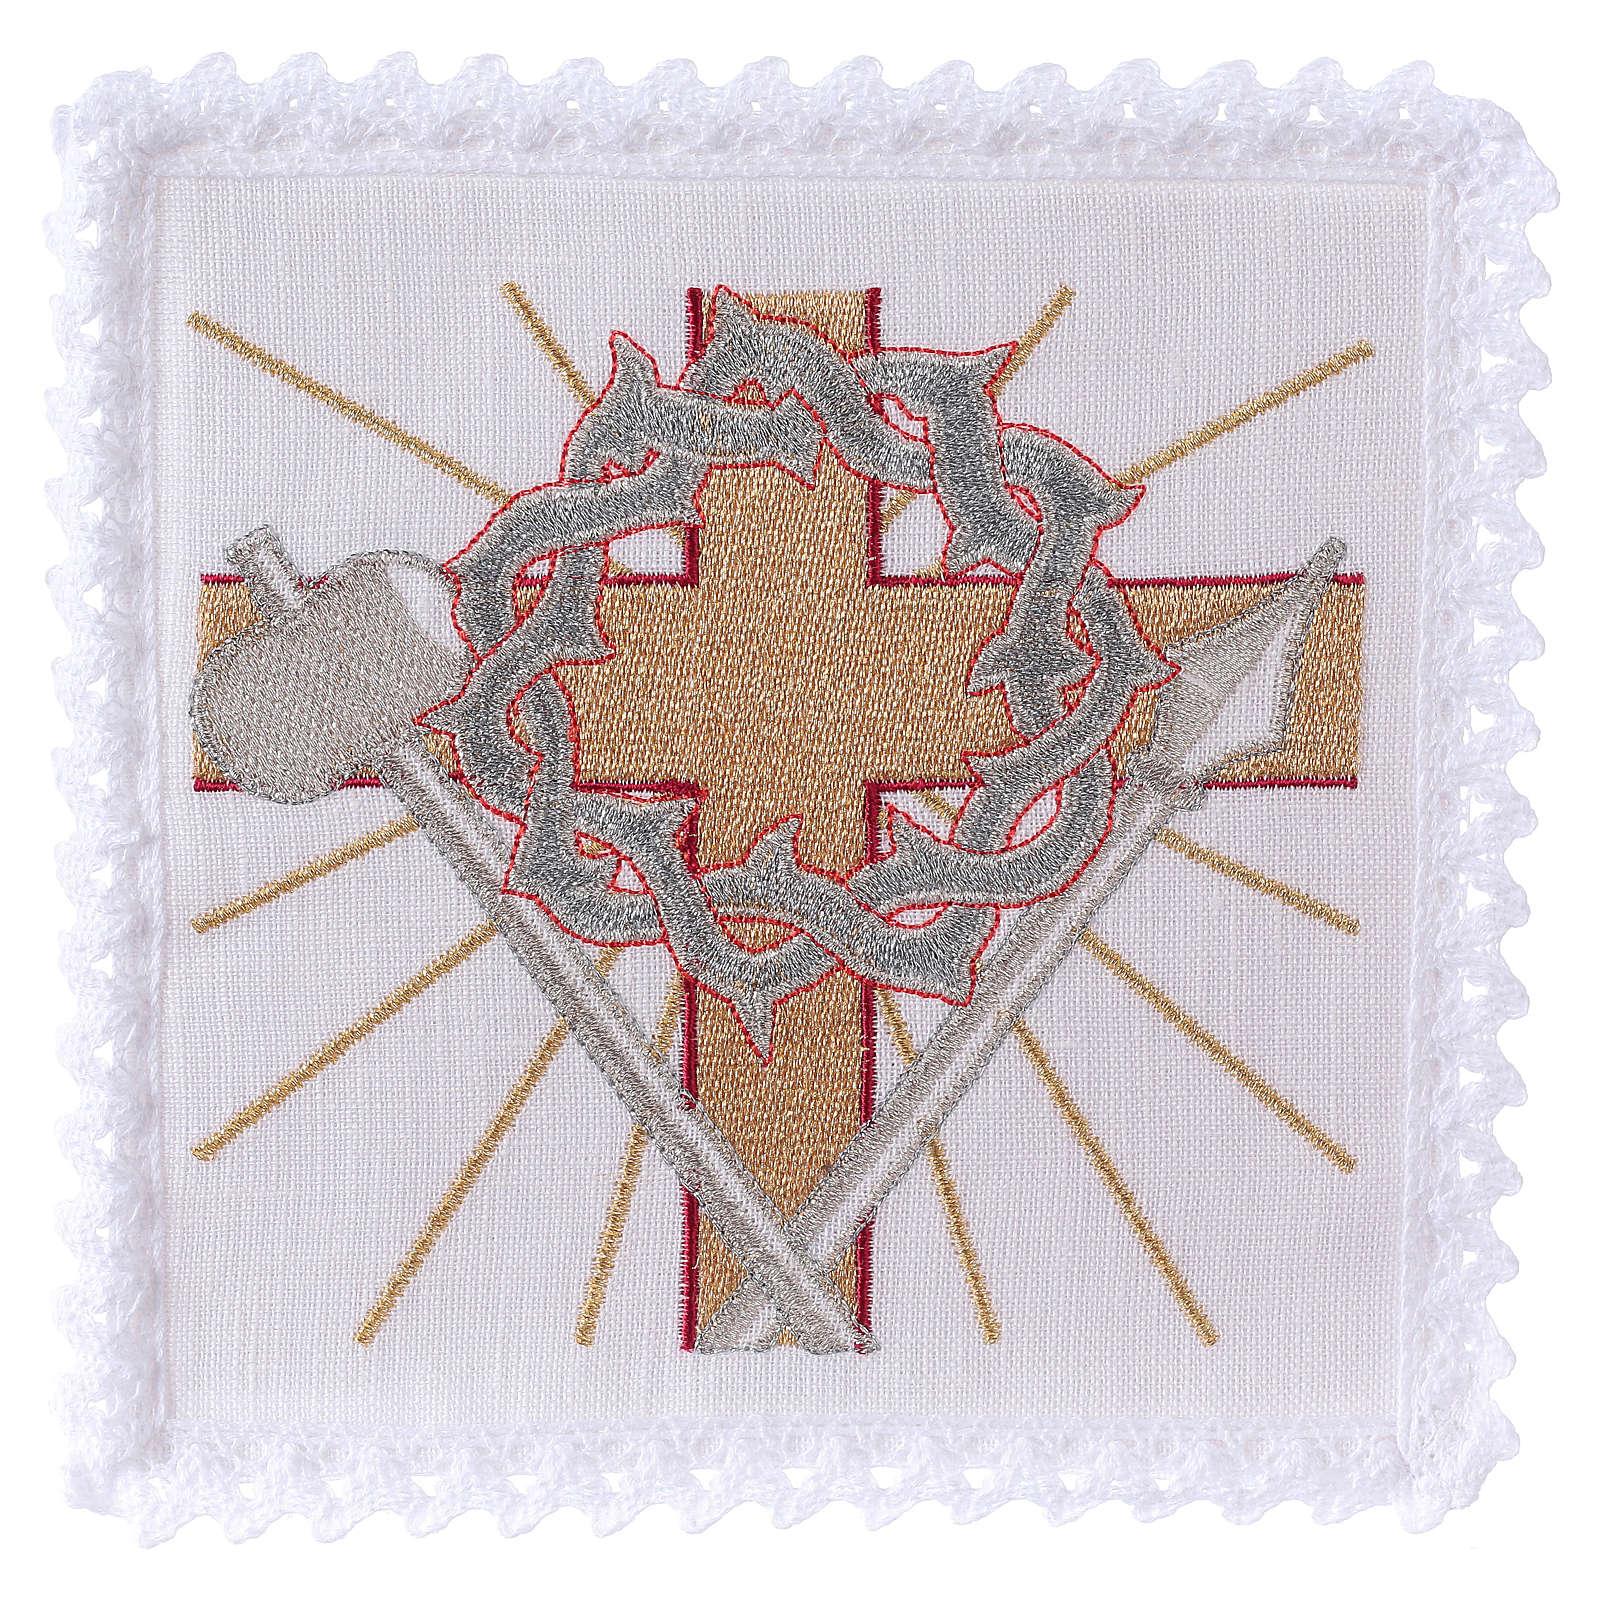 Servizio da altare lino croce lancia corona di spine 4